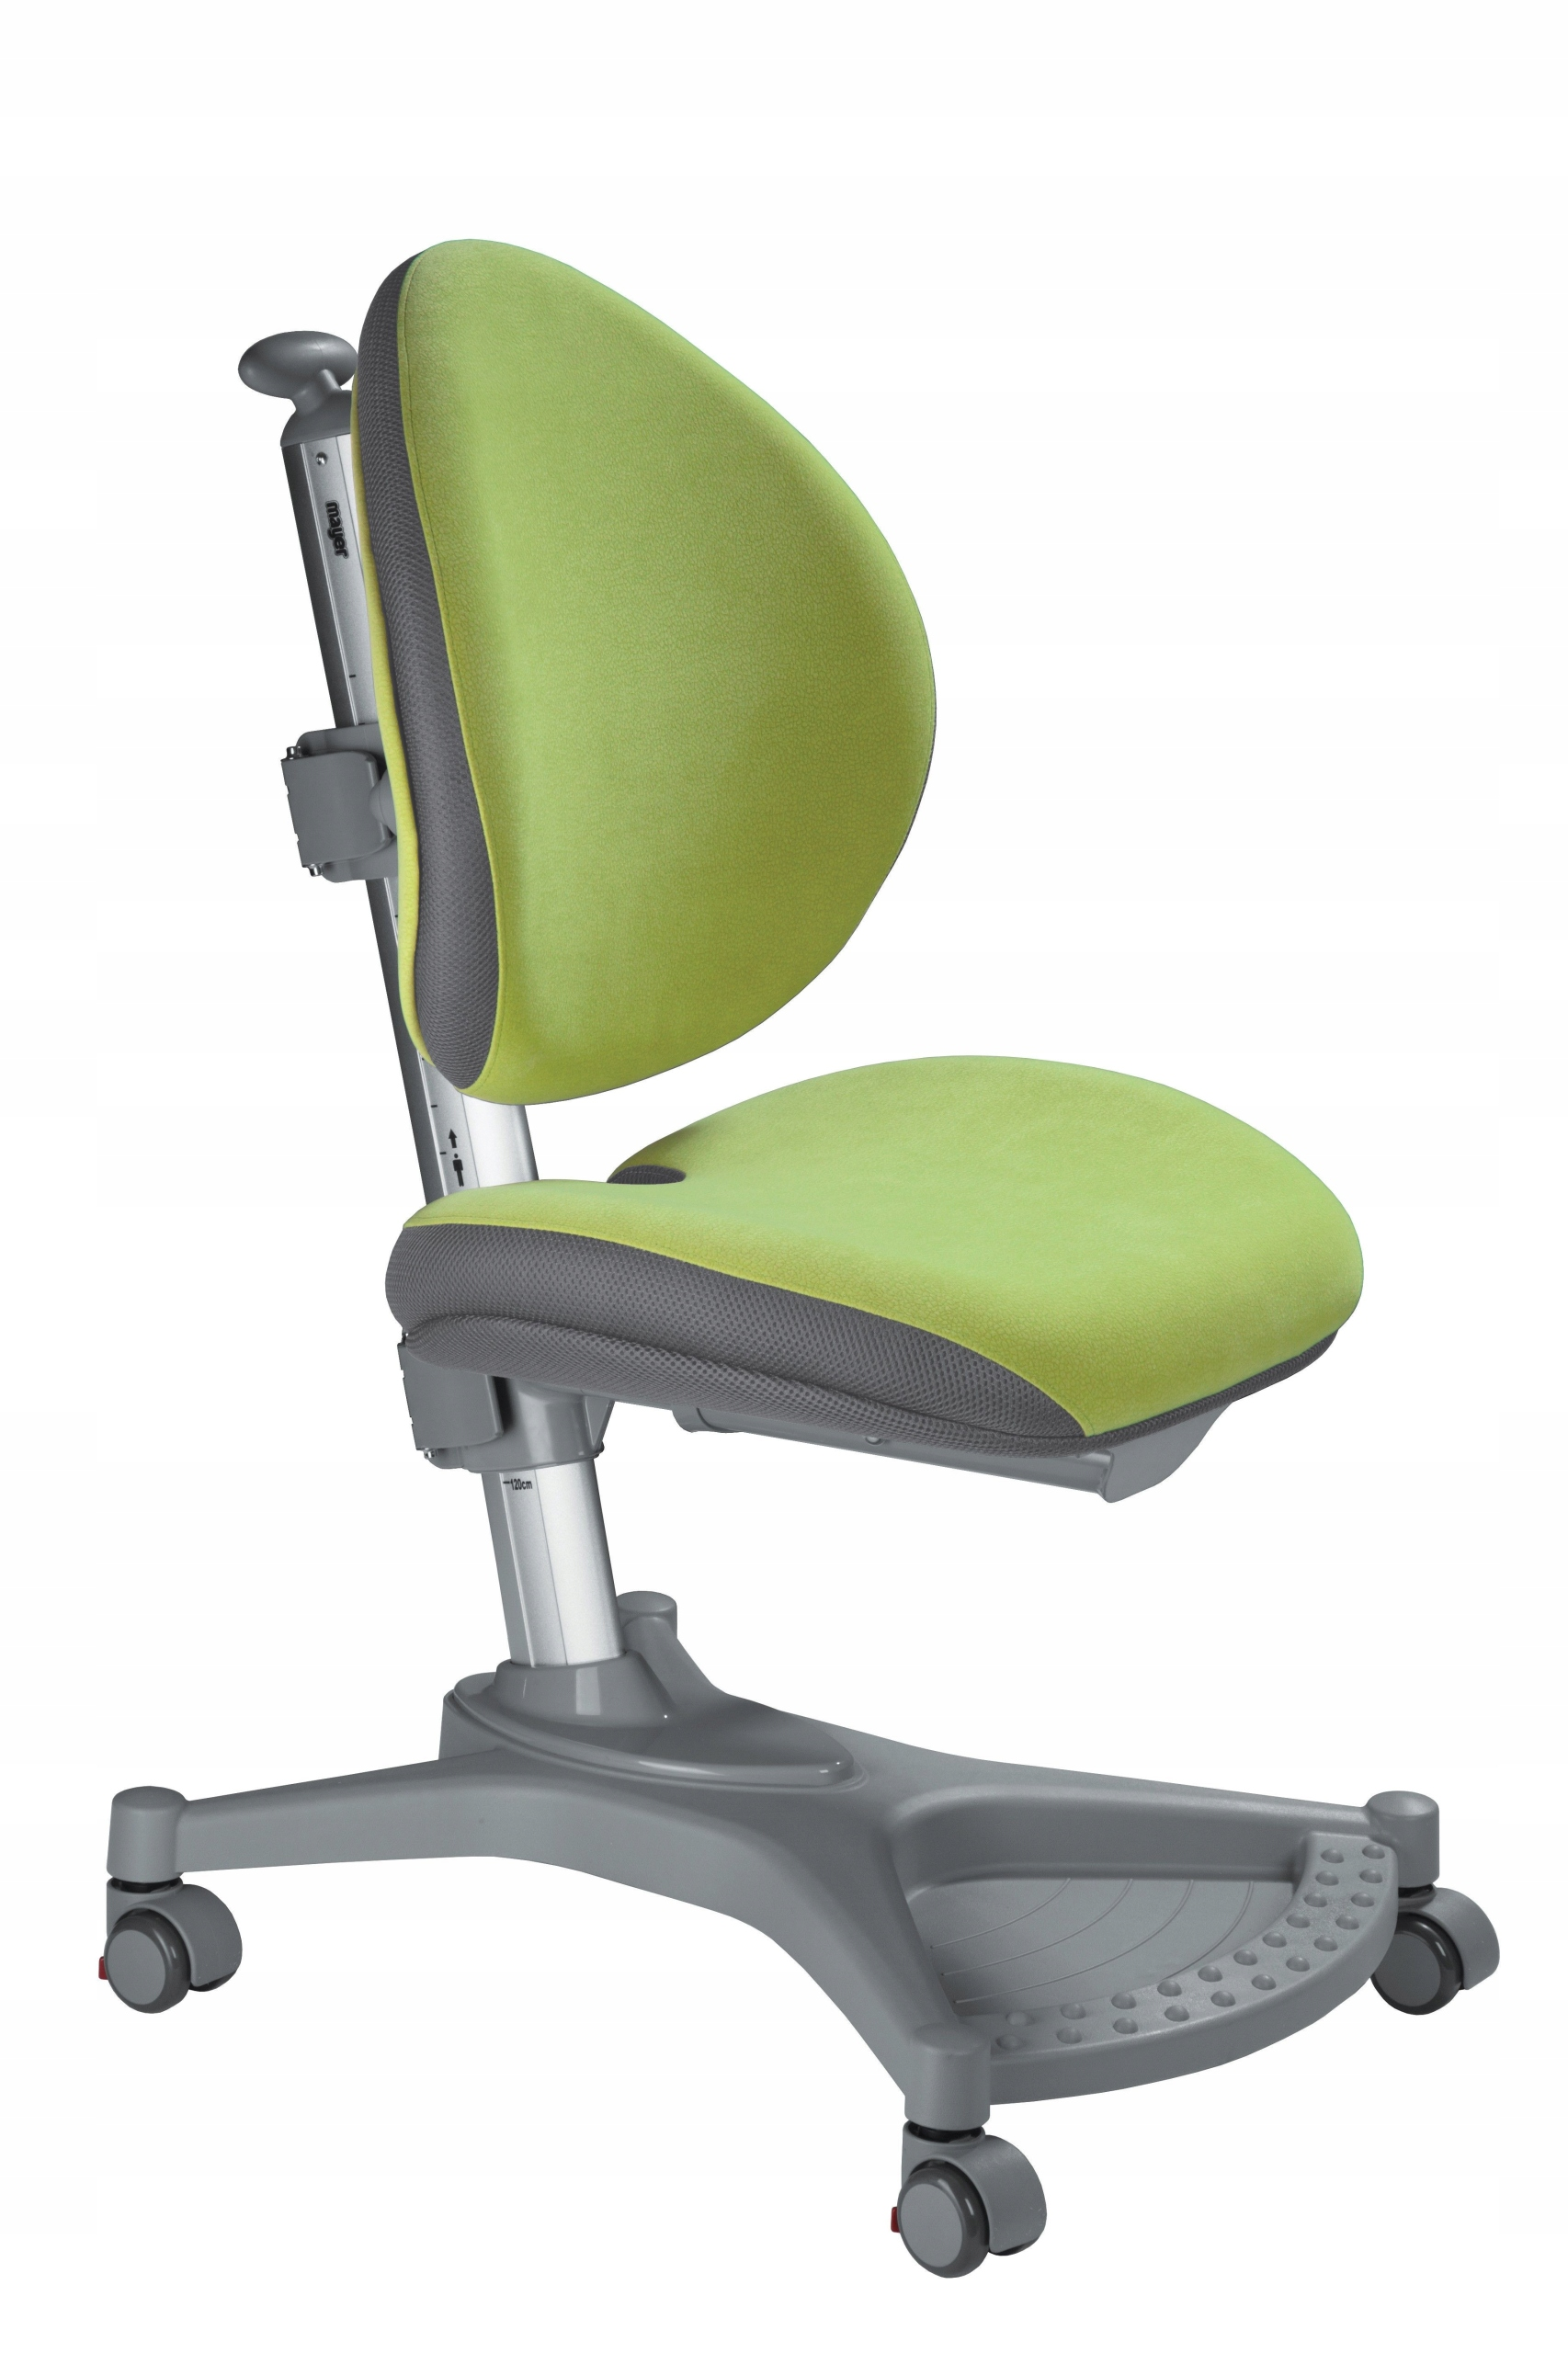 """Выбор стула для школьника: """"растущие"""" ортопедические модели, регулируемые по высоте"""